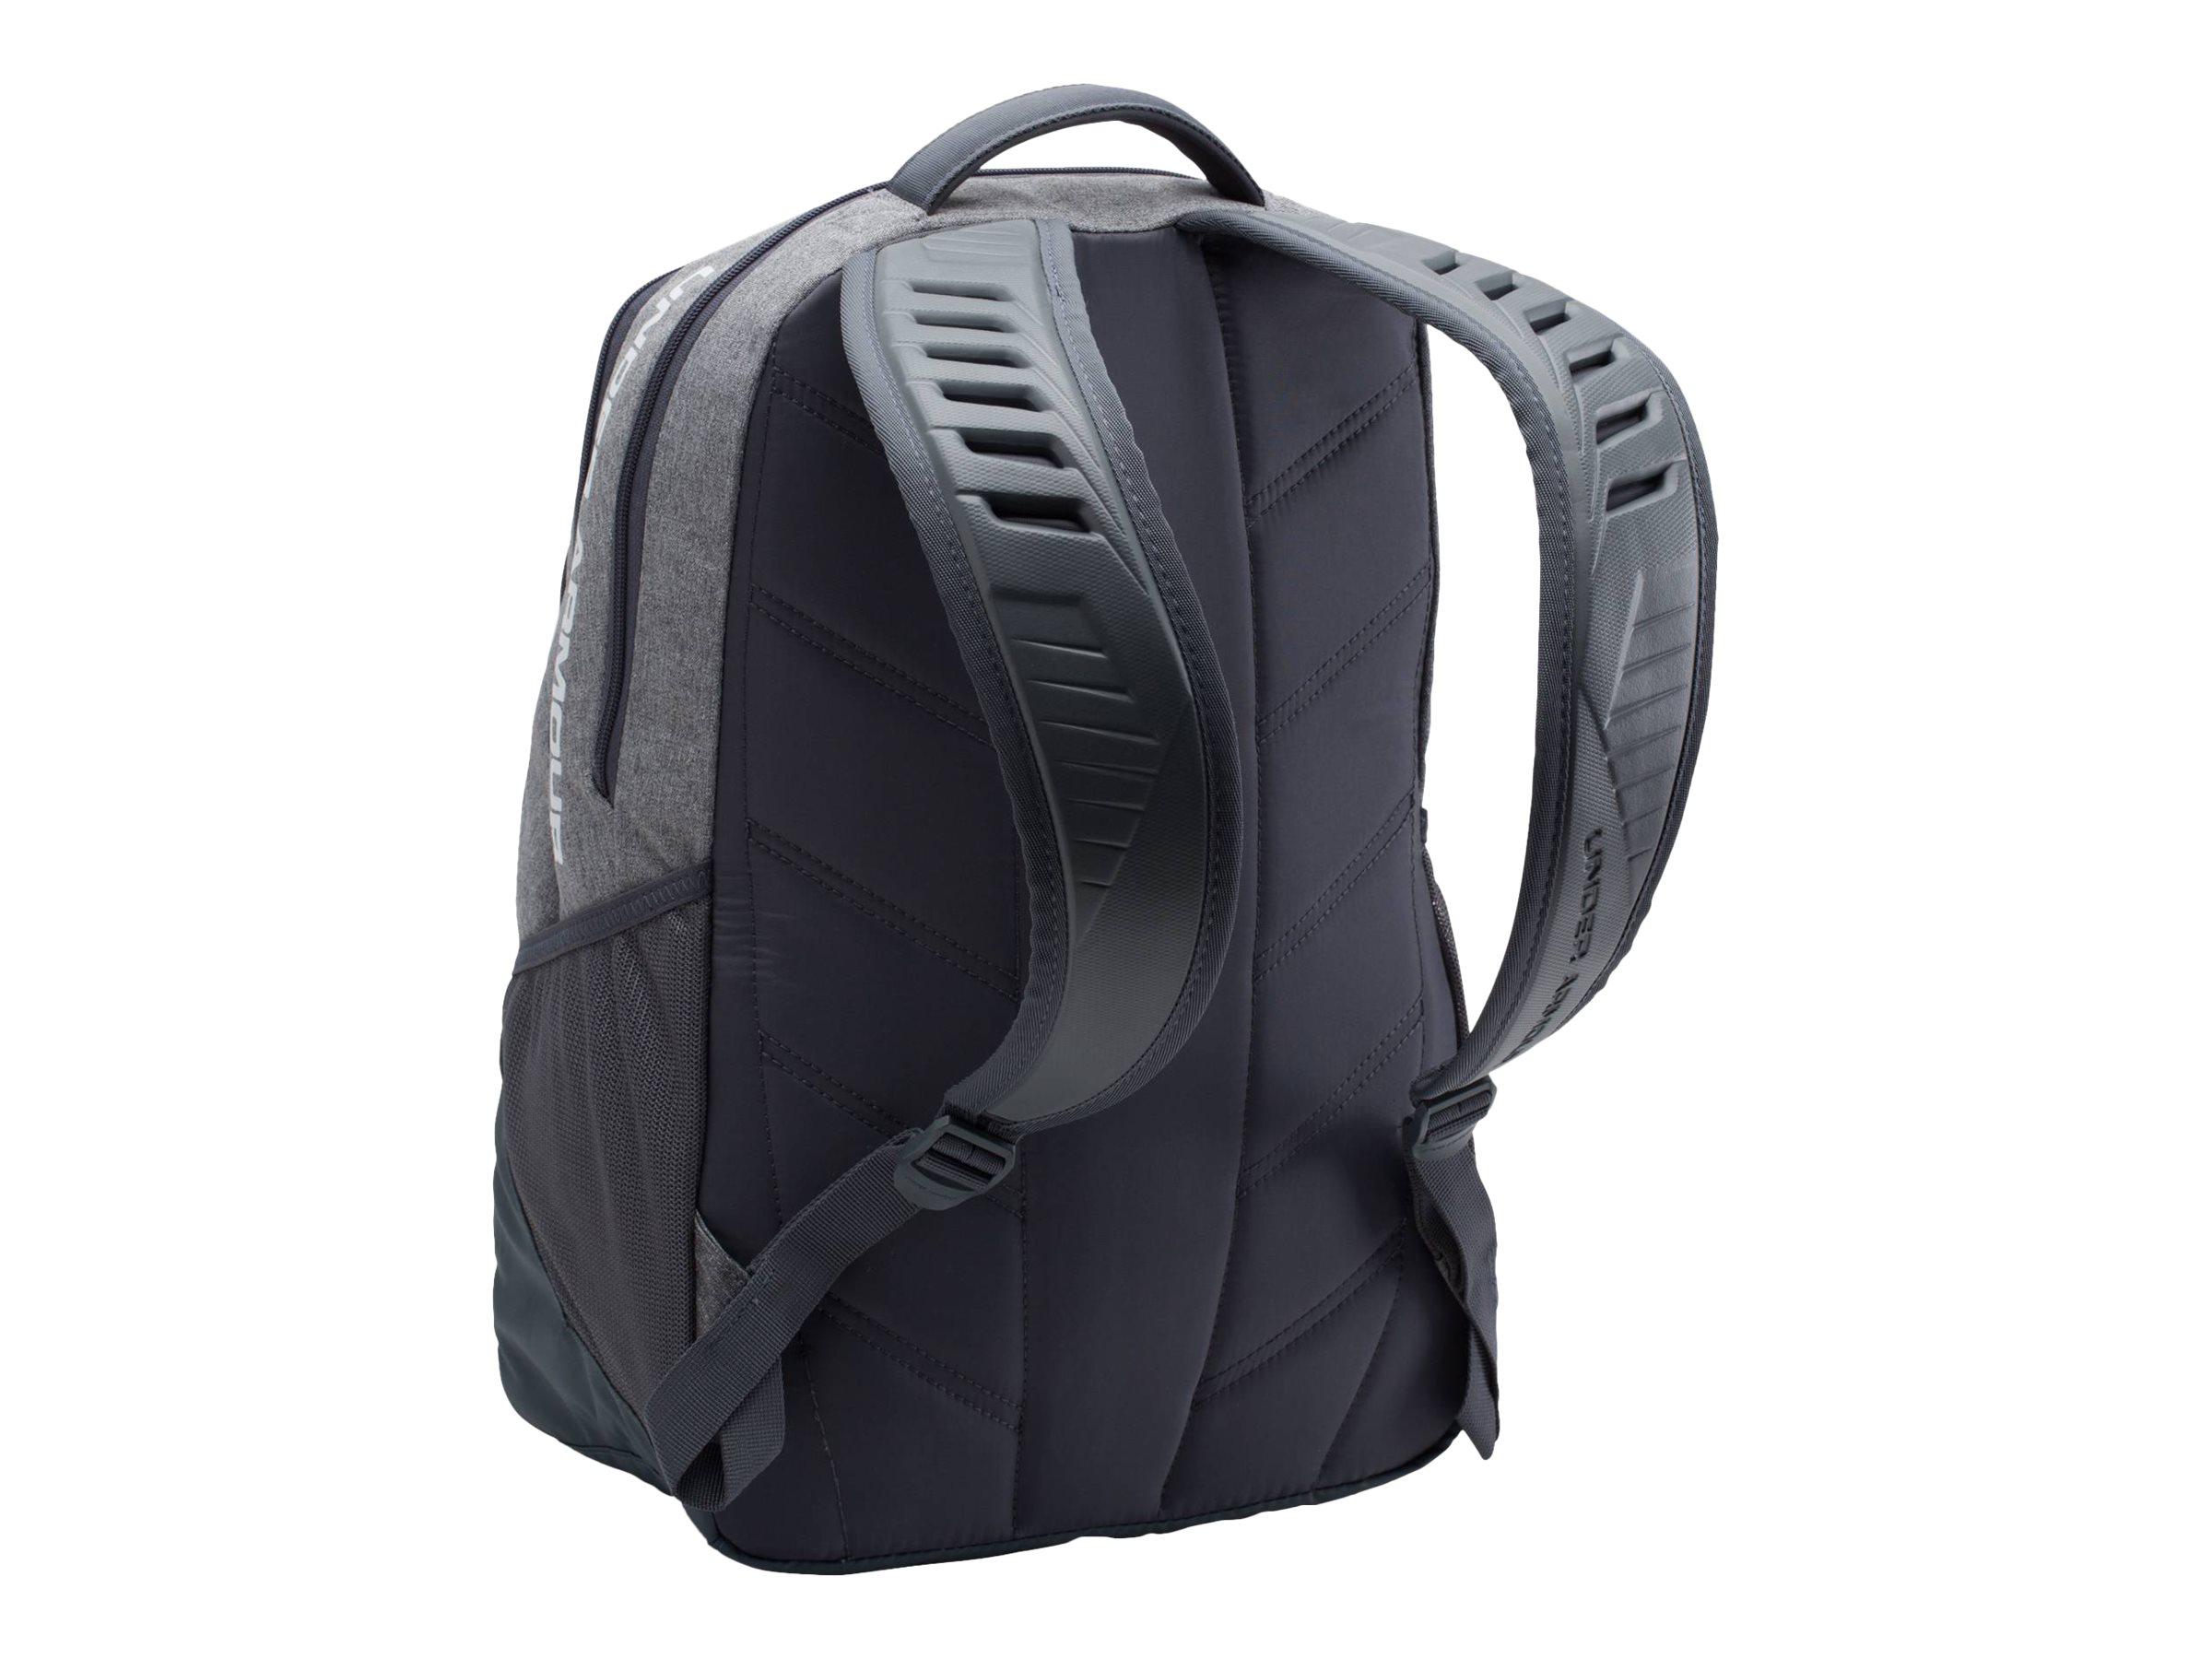 24a21488c1e Under Armour - Storm Recruit Backpack Graphite/Overcast Gray - Walmart.com